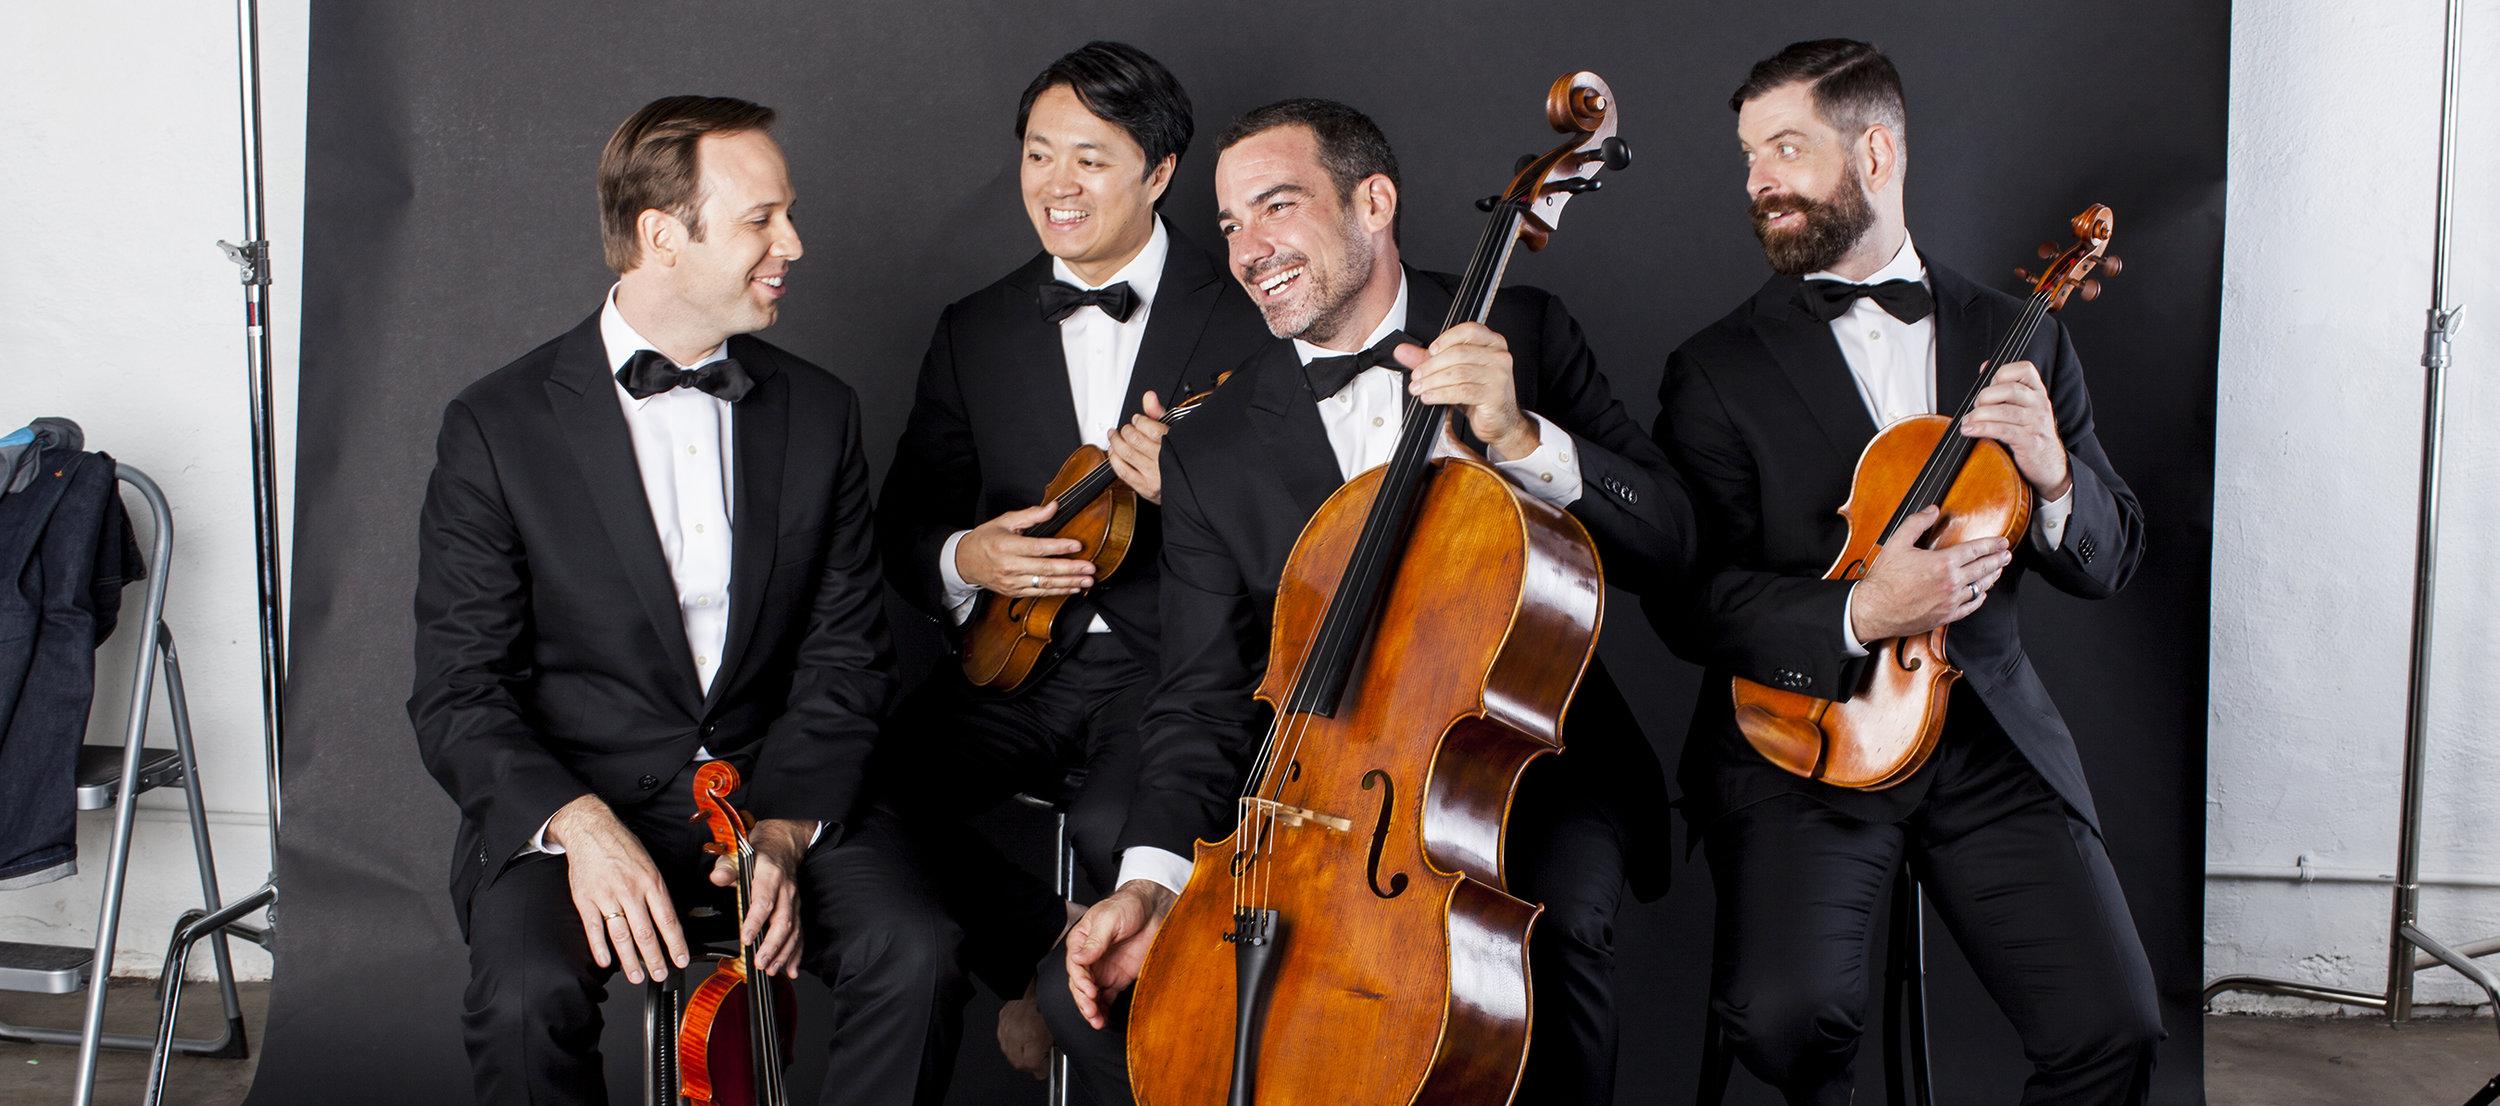 Miró Quartet 5_credit Tania Quintanilla.jpg